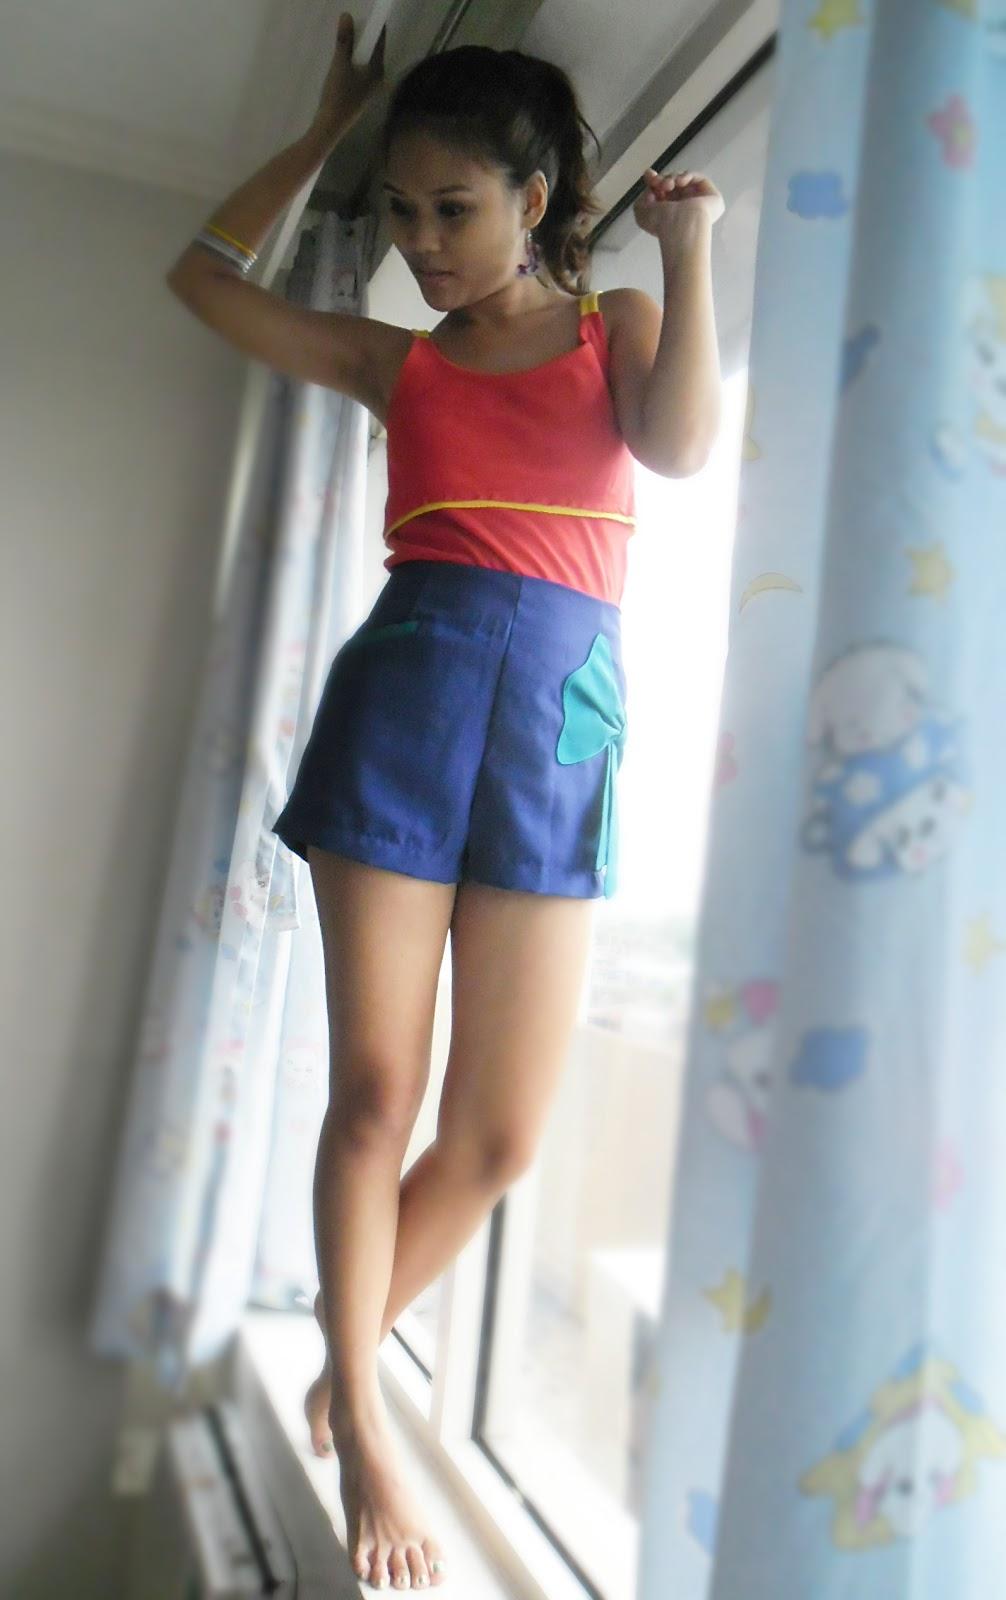 14yo girl